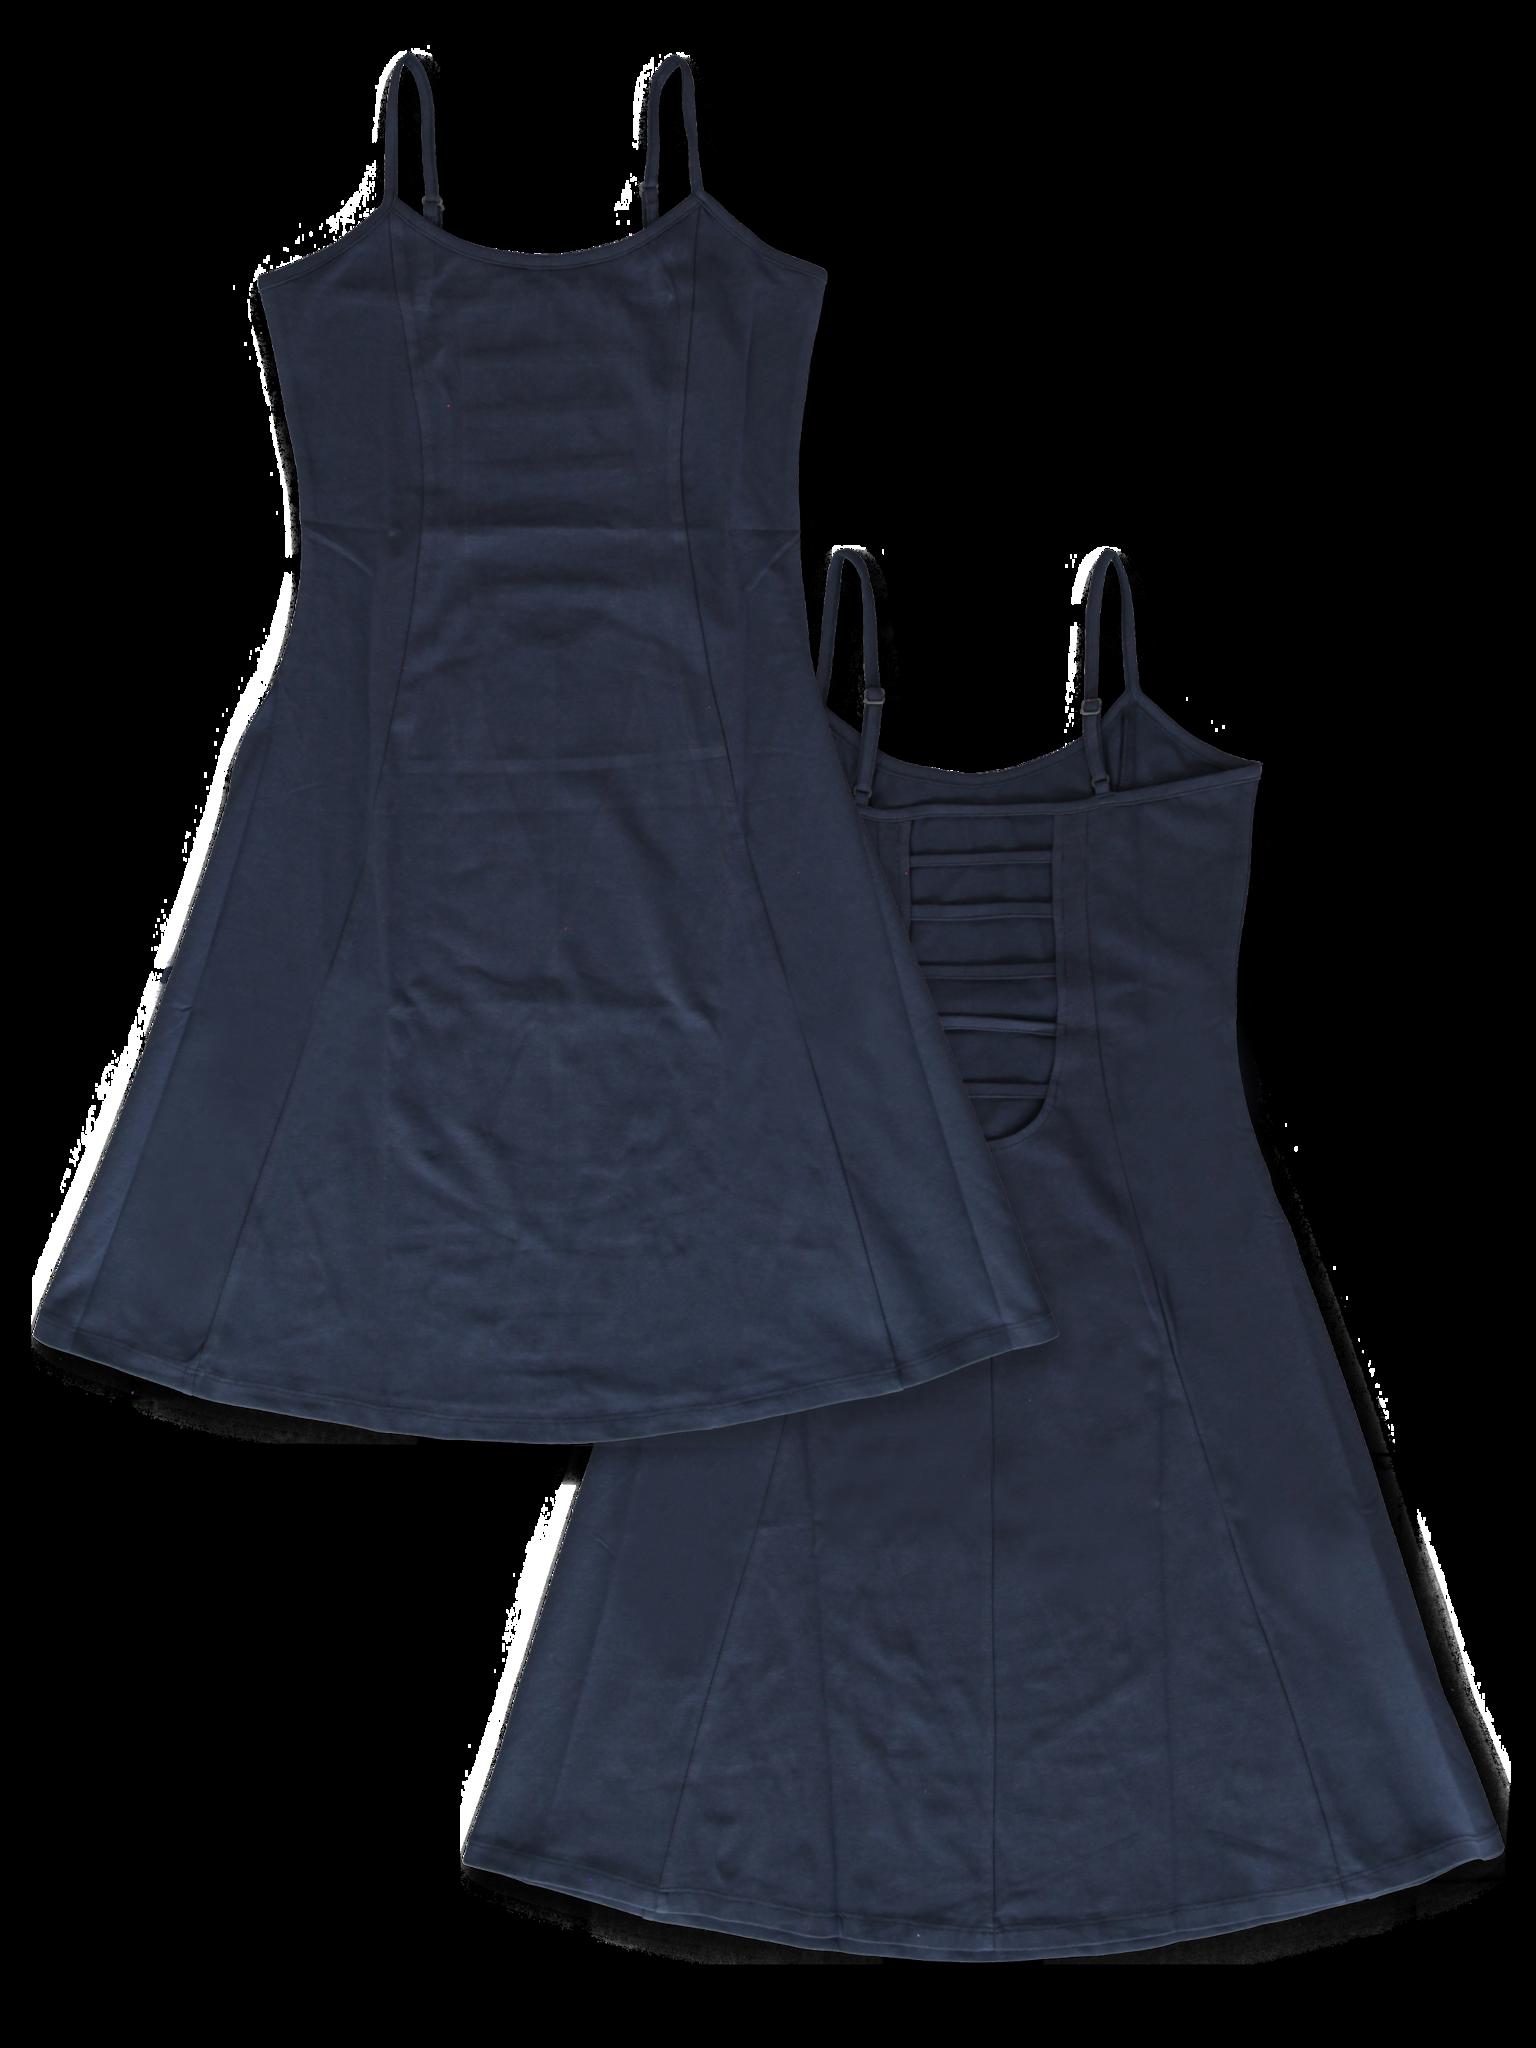 All Brands   Summerproducts Teen Girls   Dress   12 pcs/box